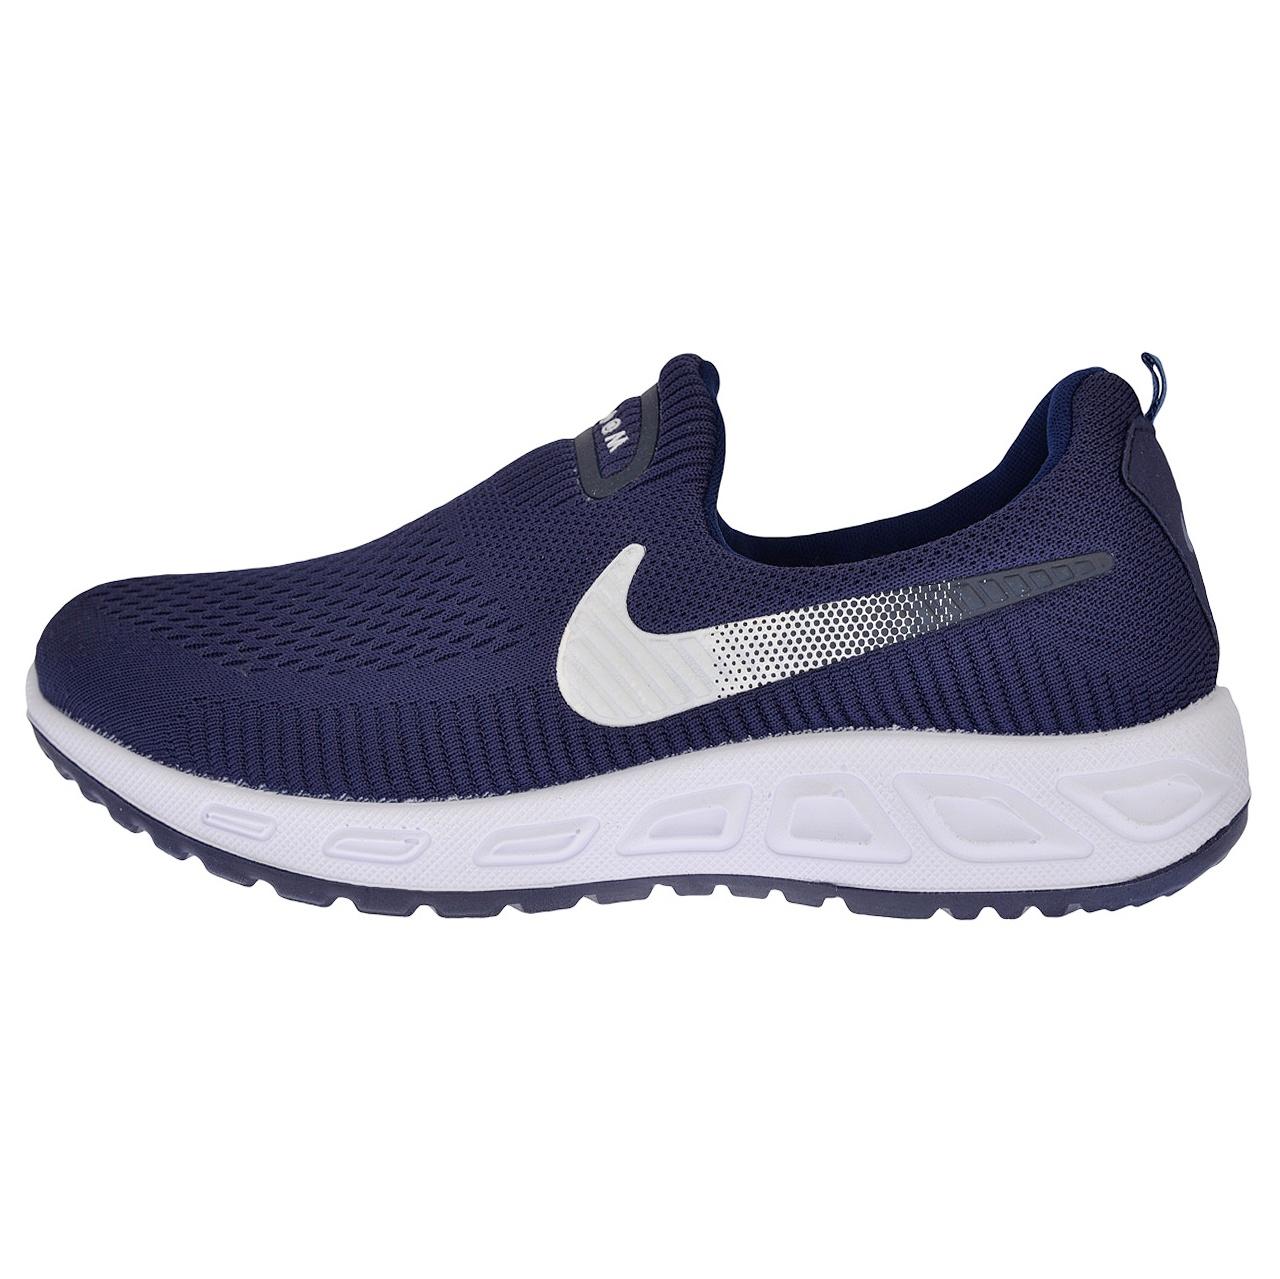 کفش مخصوص پیاده روی مردانه کد 351002914